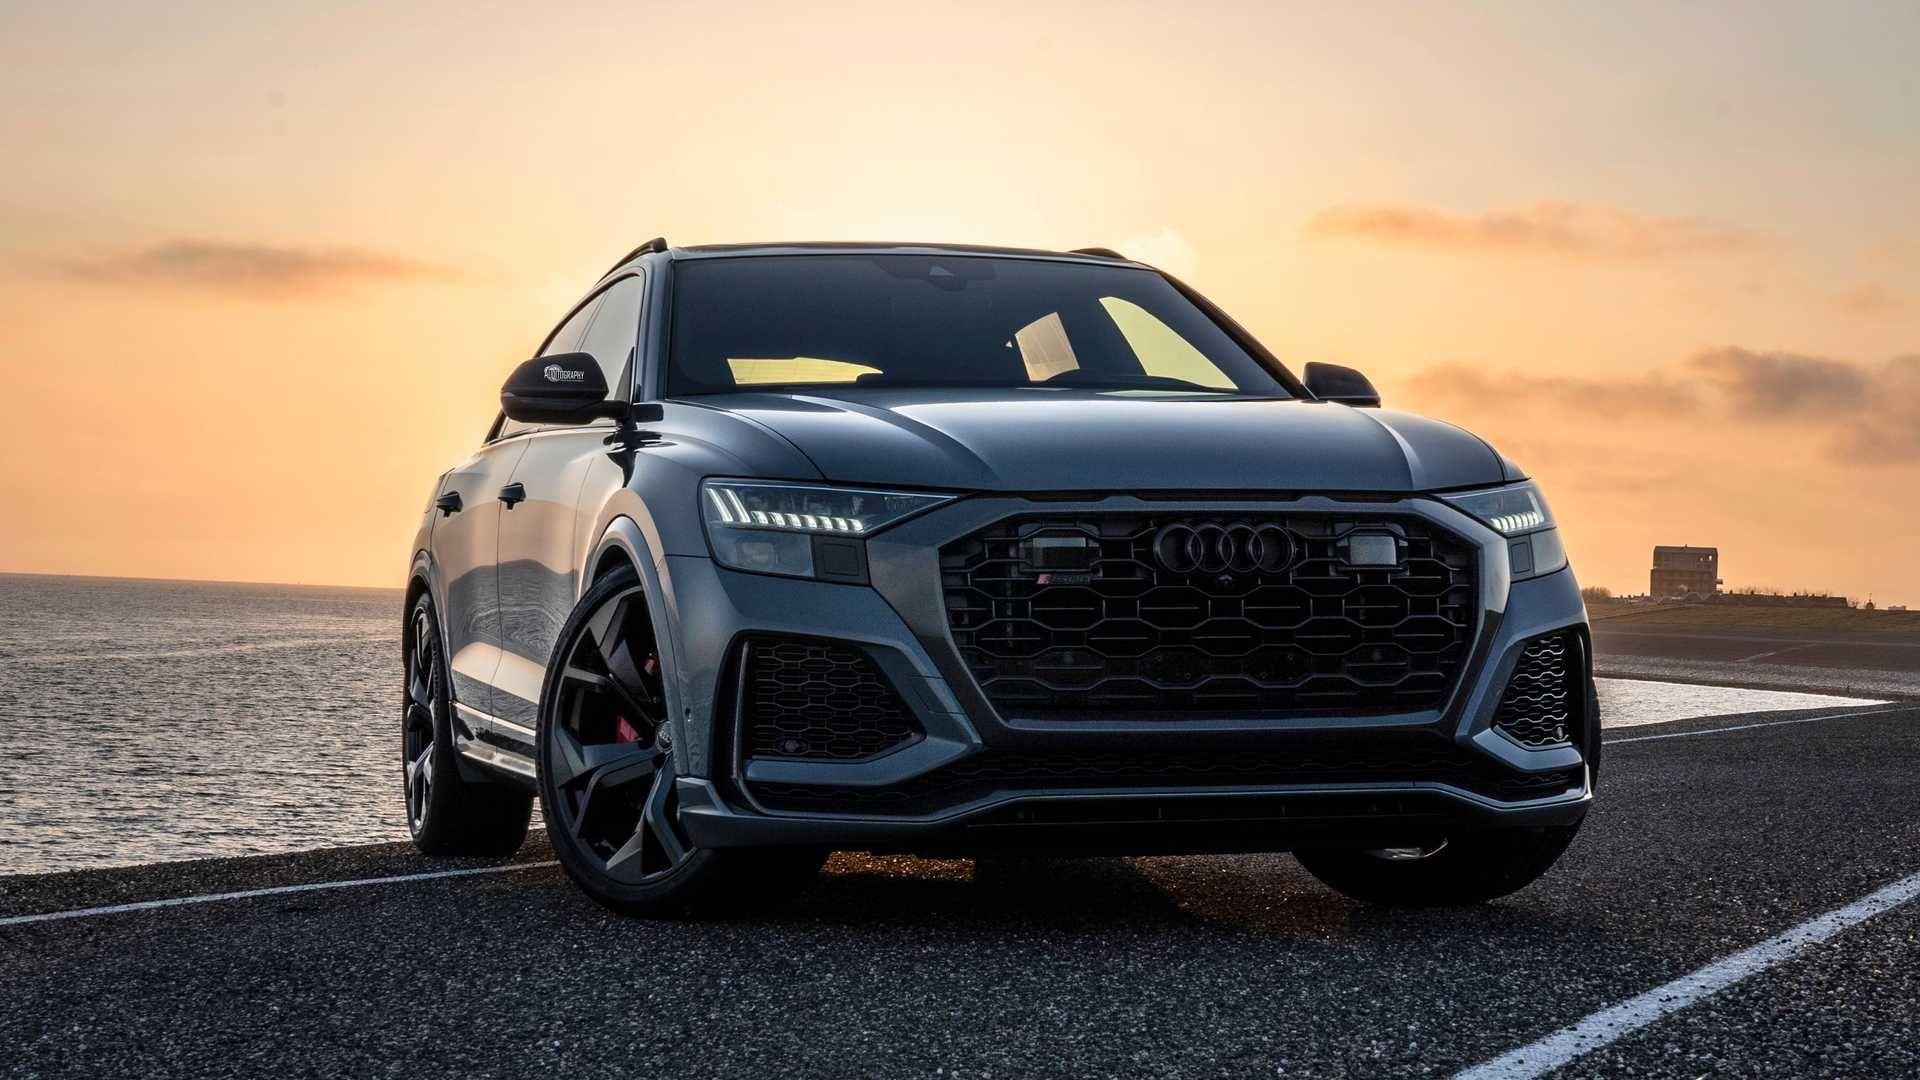 氣勢和動力都不輸超級跑車的 Audi RS Q8 是什麼樣子呢